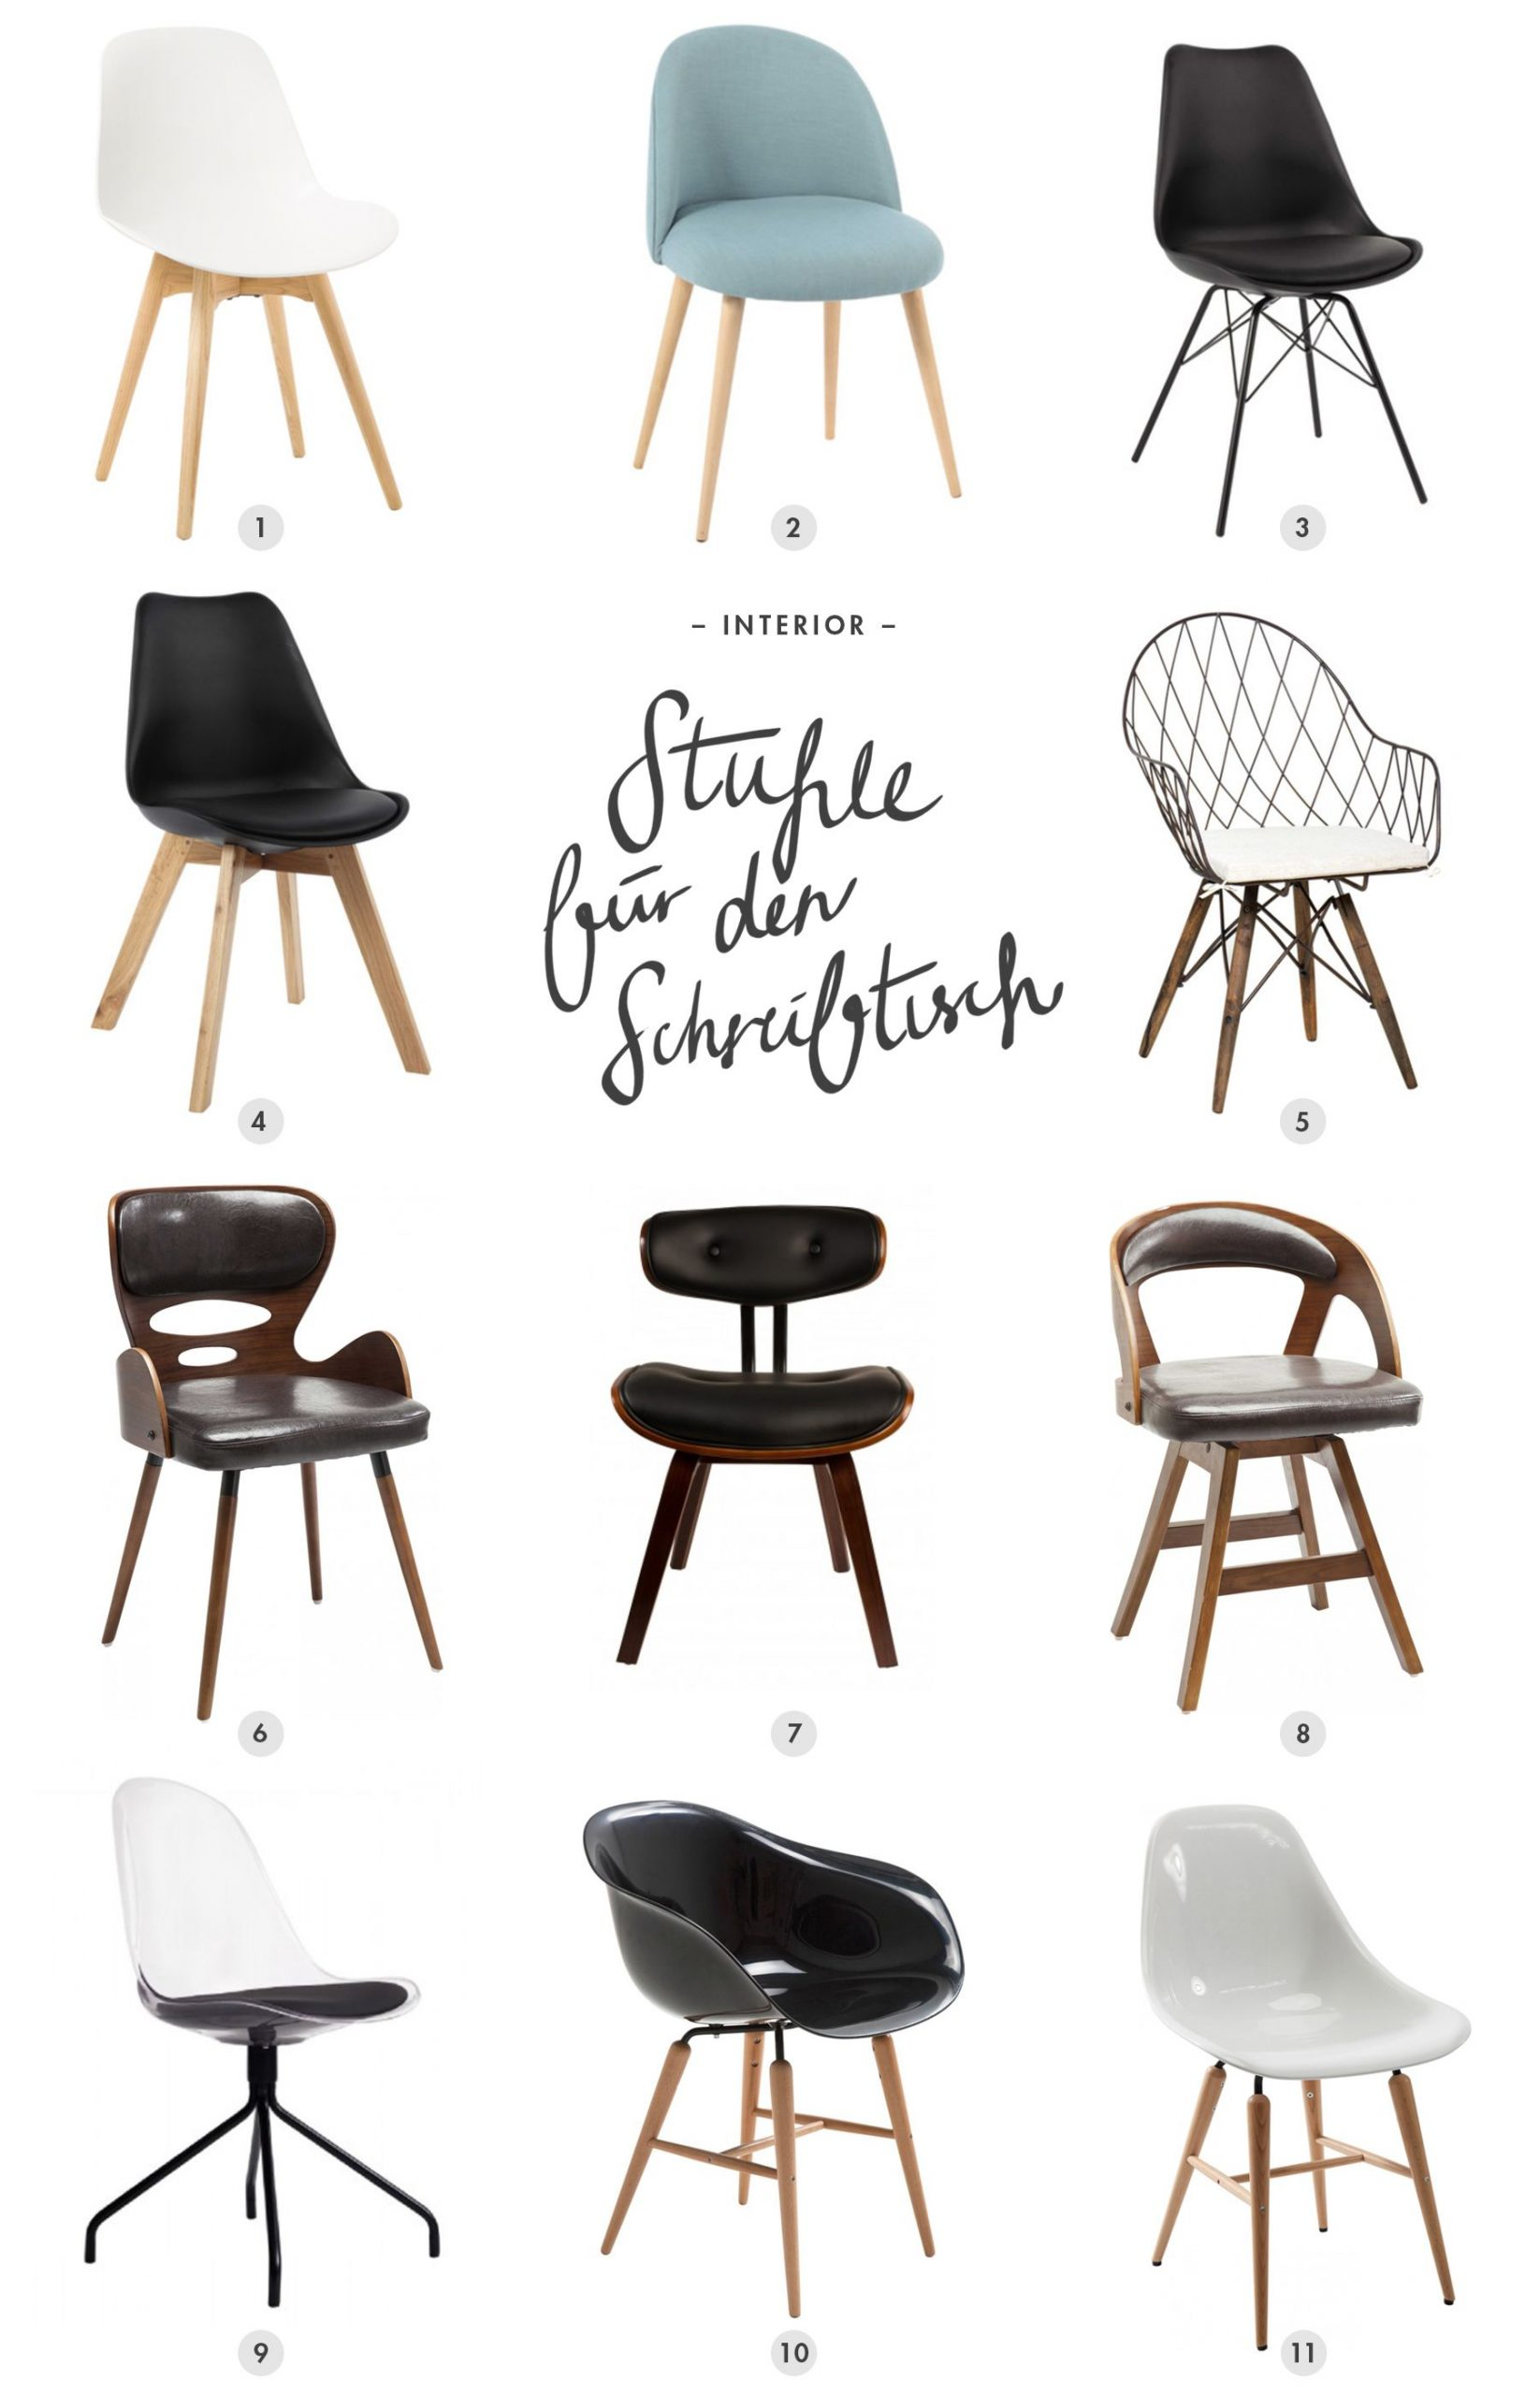 11 schöne Stühle für den Schreibtisch #office #chair #interiordesign #interio…